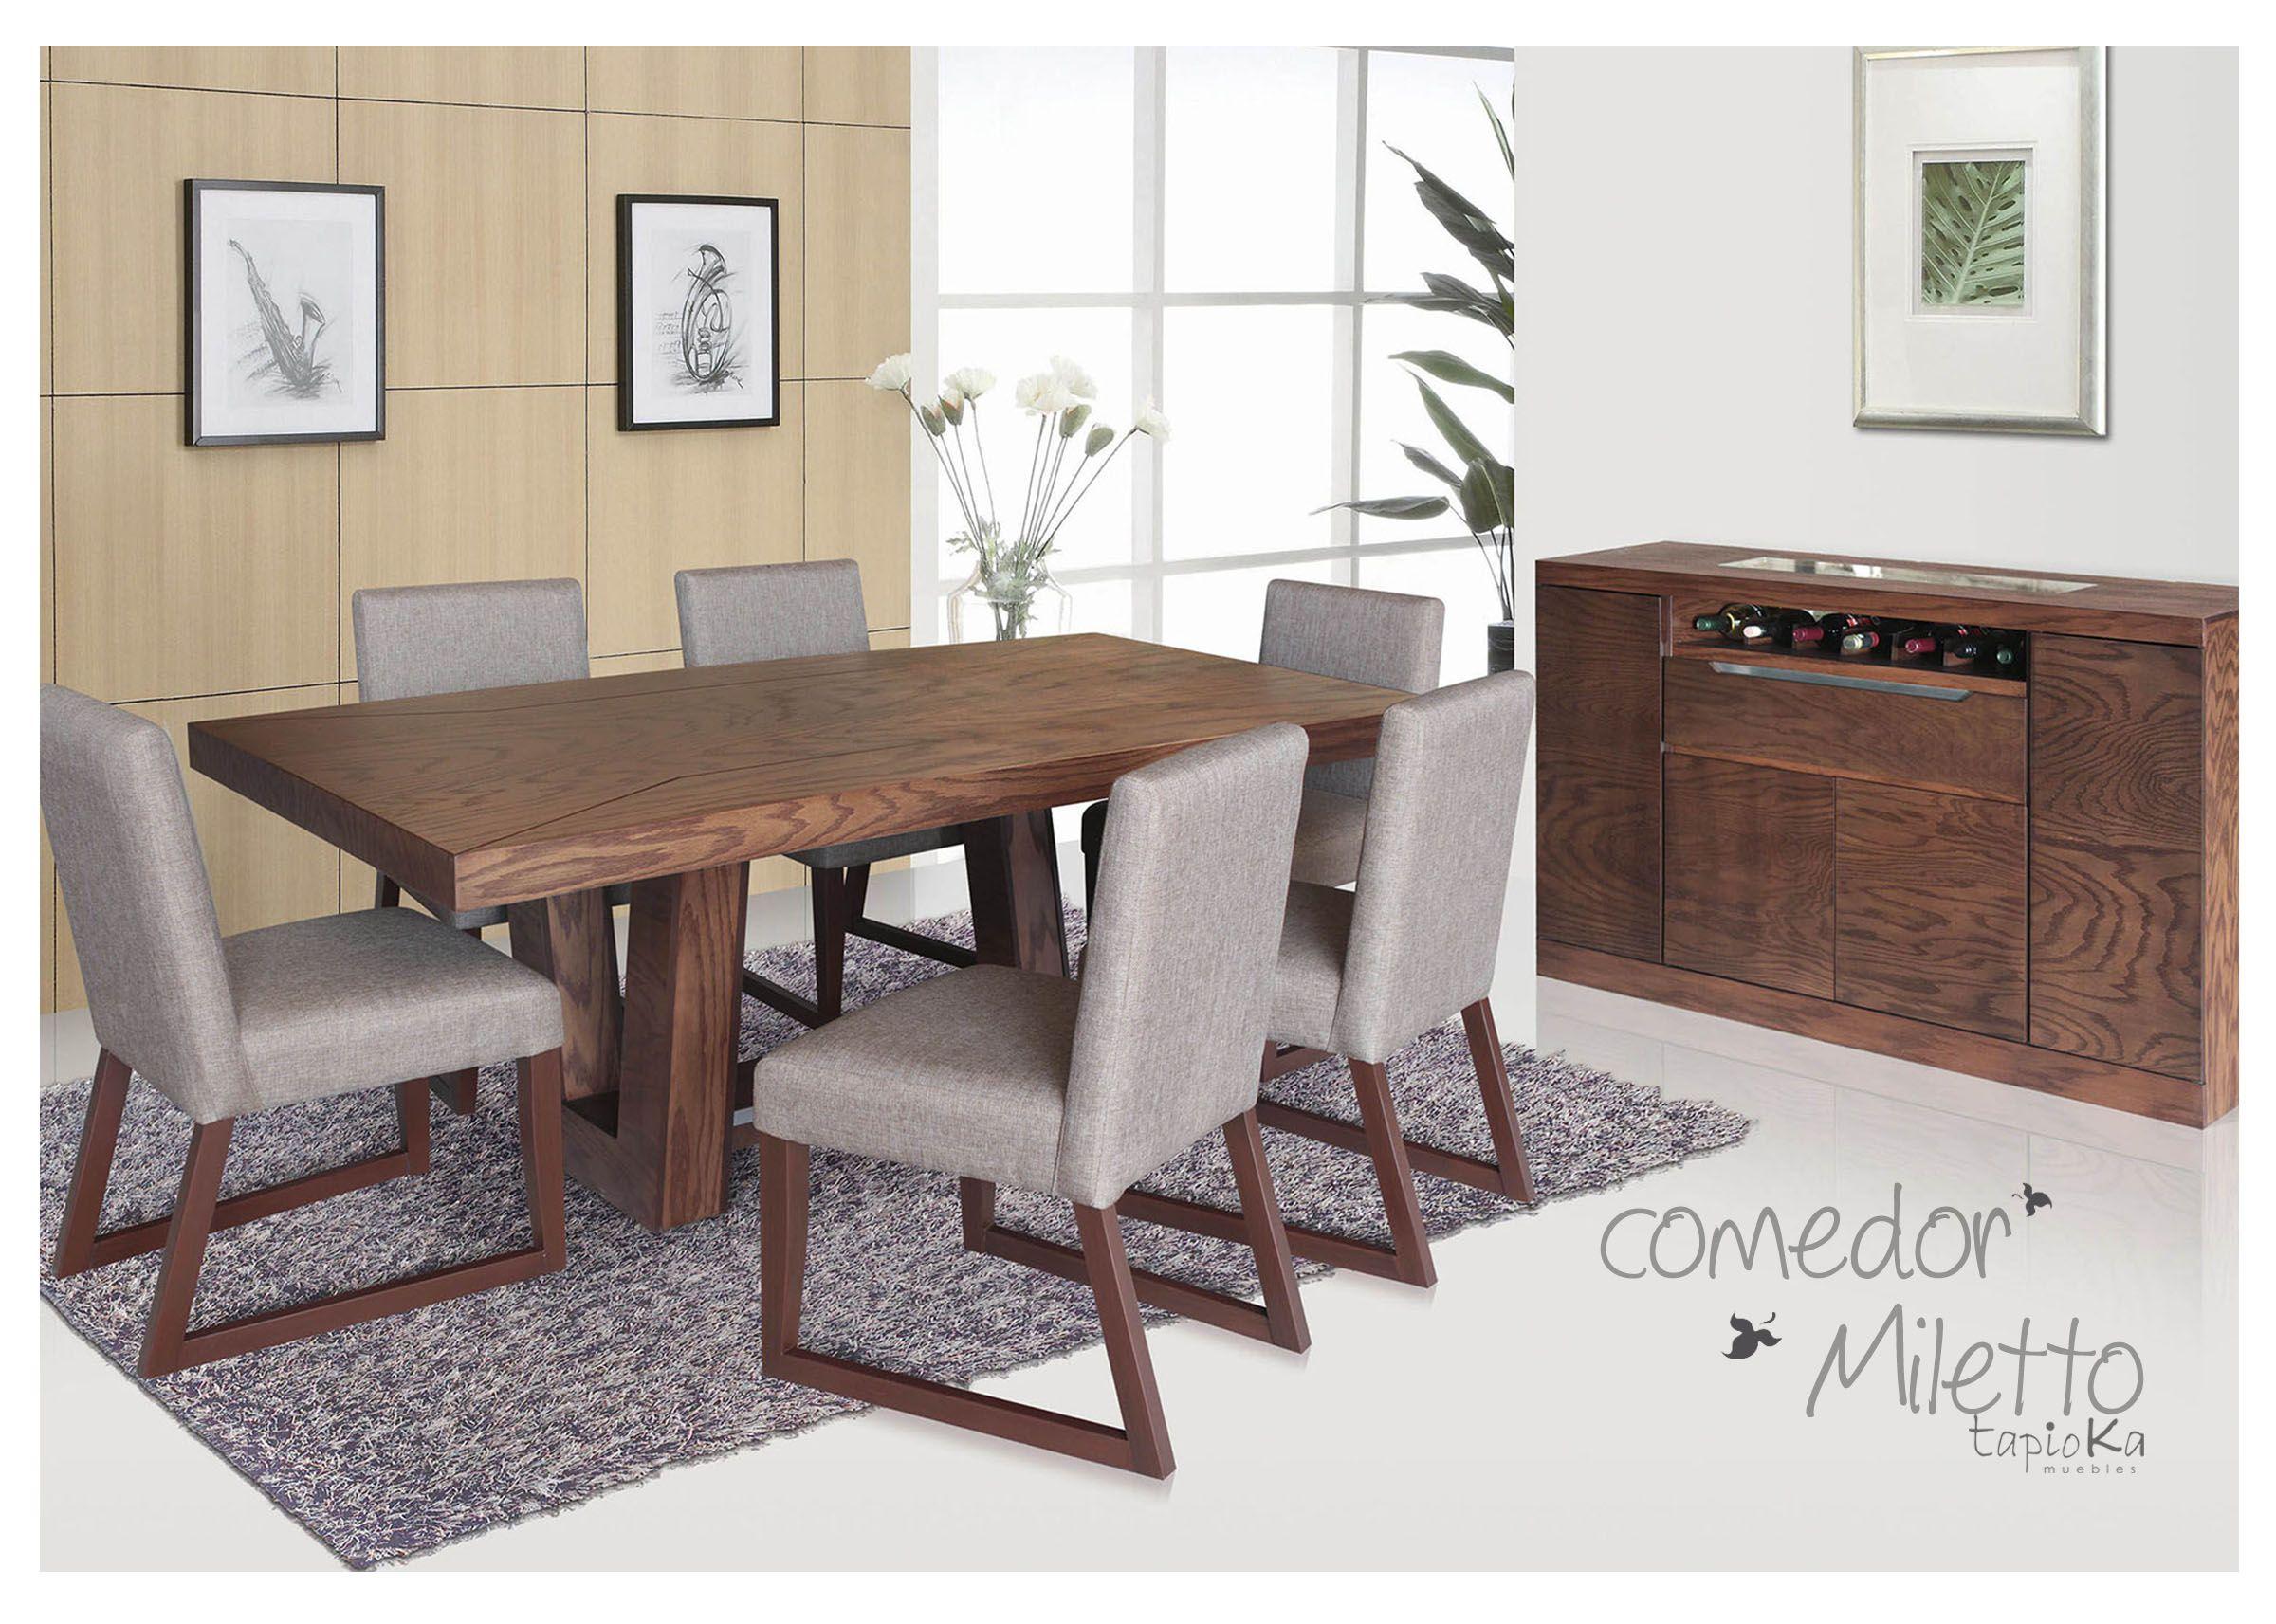 Comedor Miletto Encino Tabaco Oak Contemporary Dining Table  # Muebles Liverpool Salas